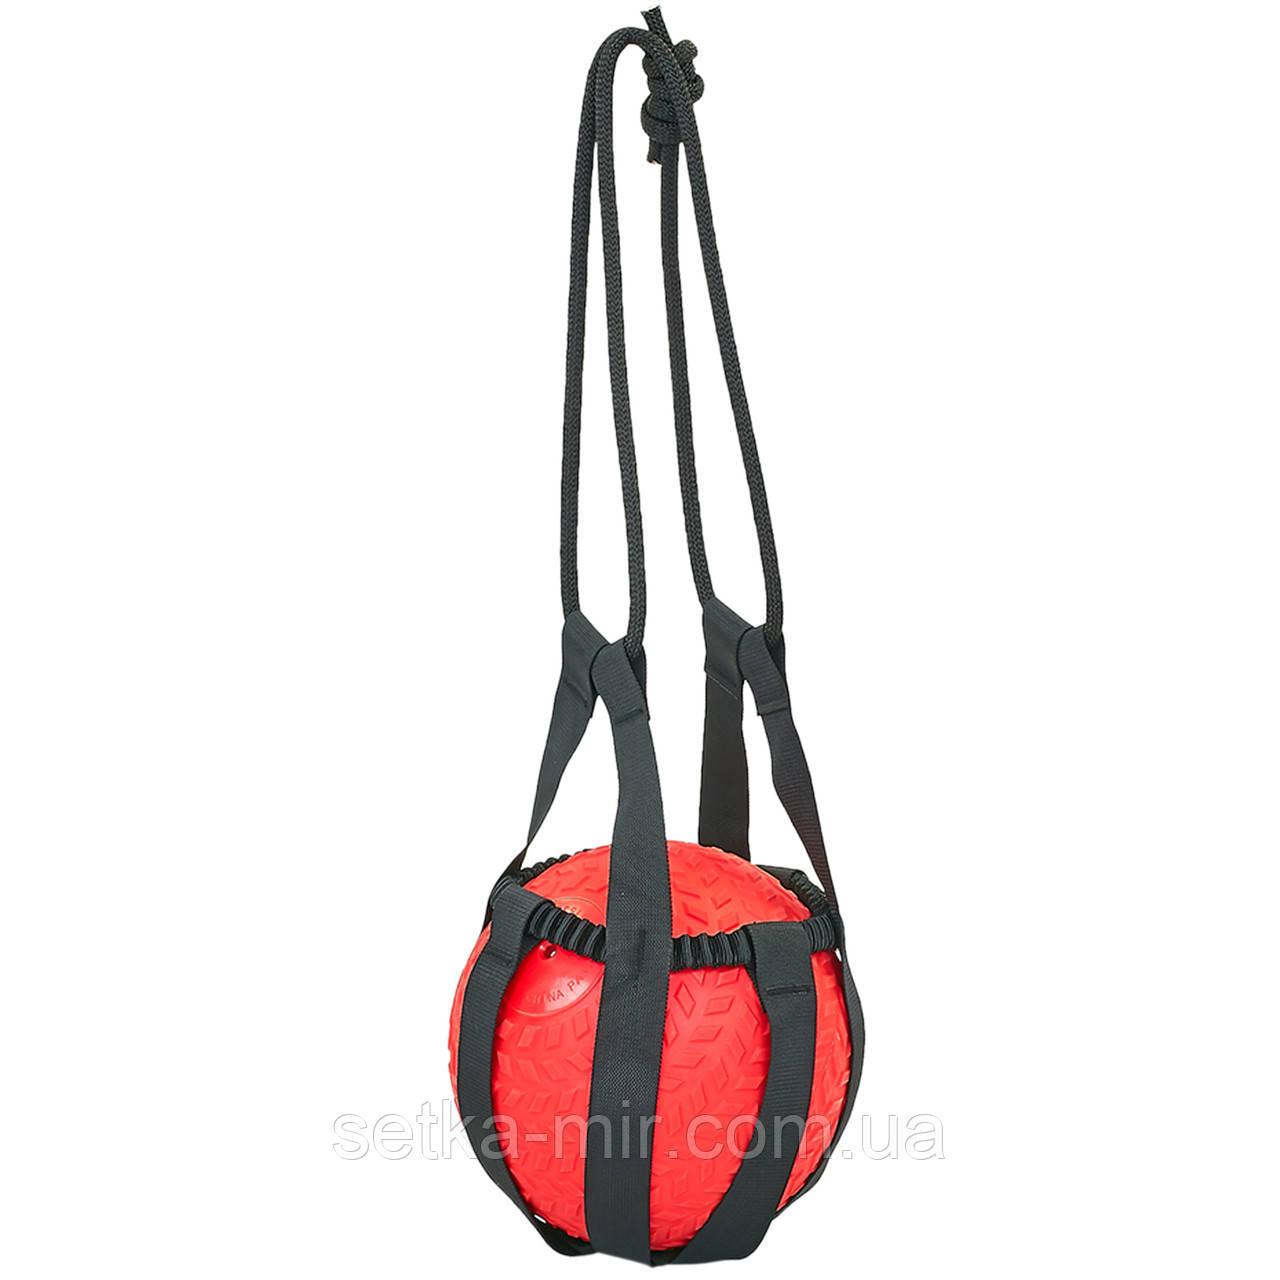 Сумка тренувальна для Медбол, слембол, волболов Tornado Ball Bag FI-5744